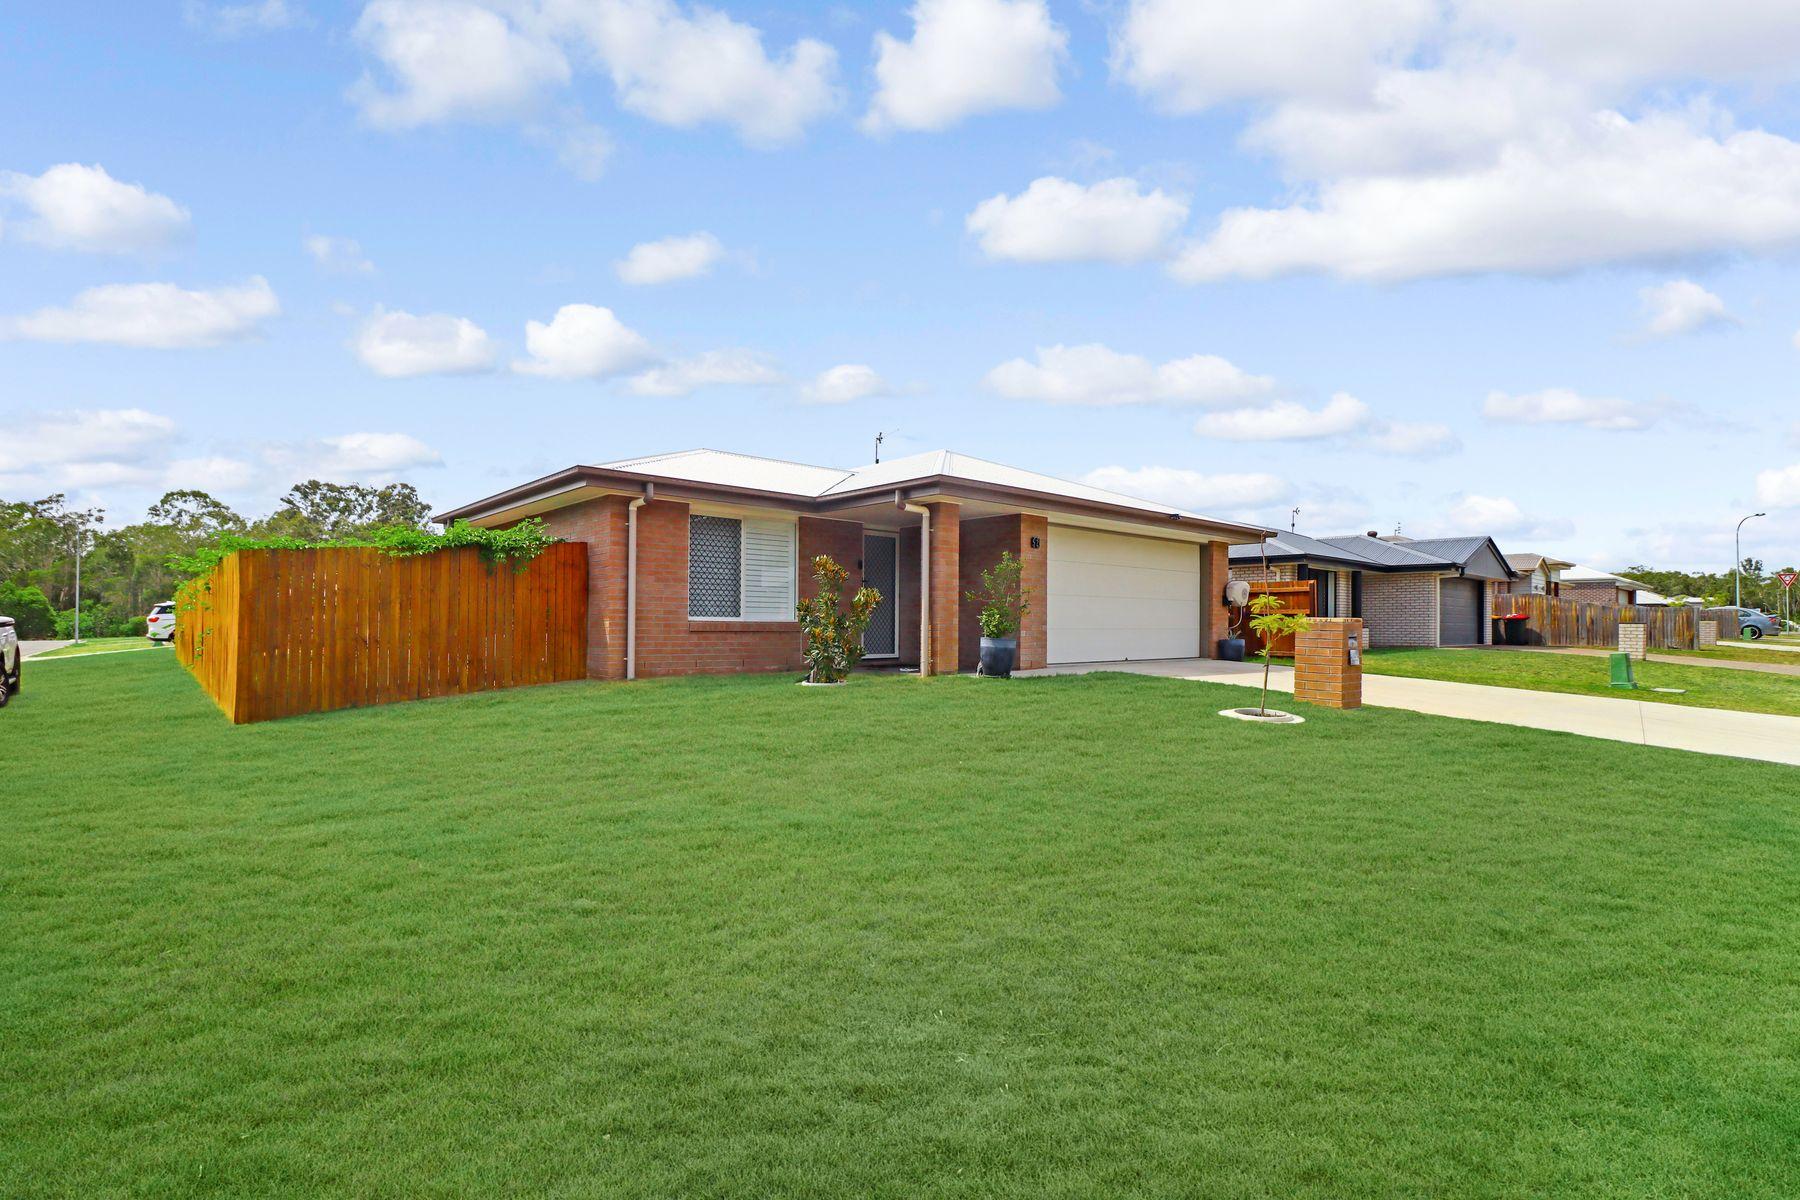 52 Halcyon Drive, Wondunna, QLD 4655